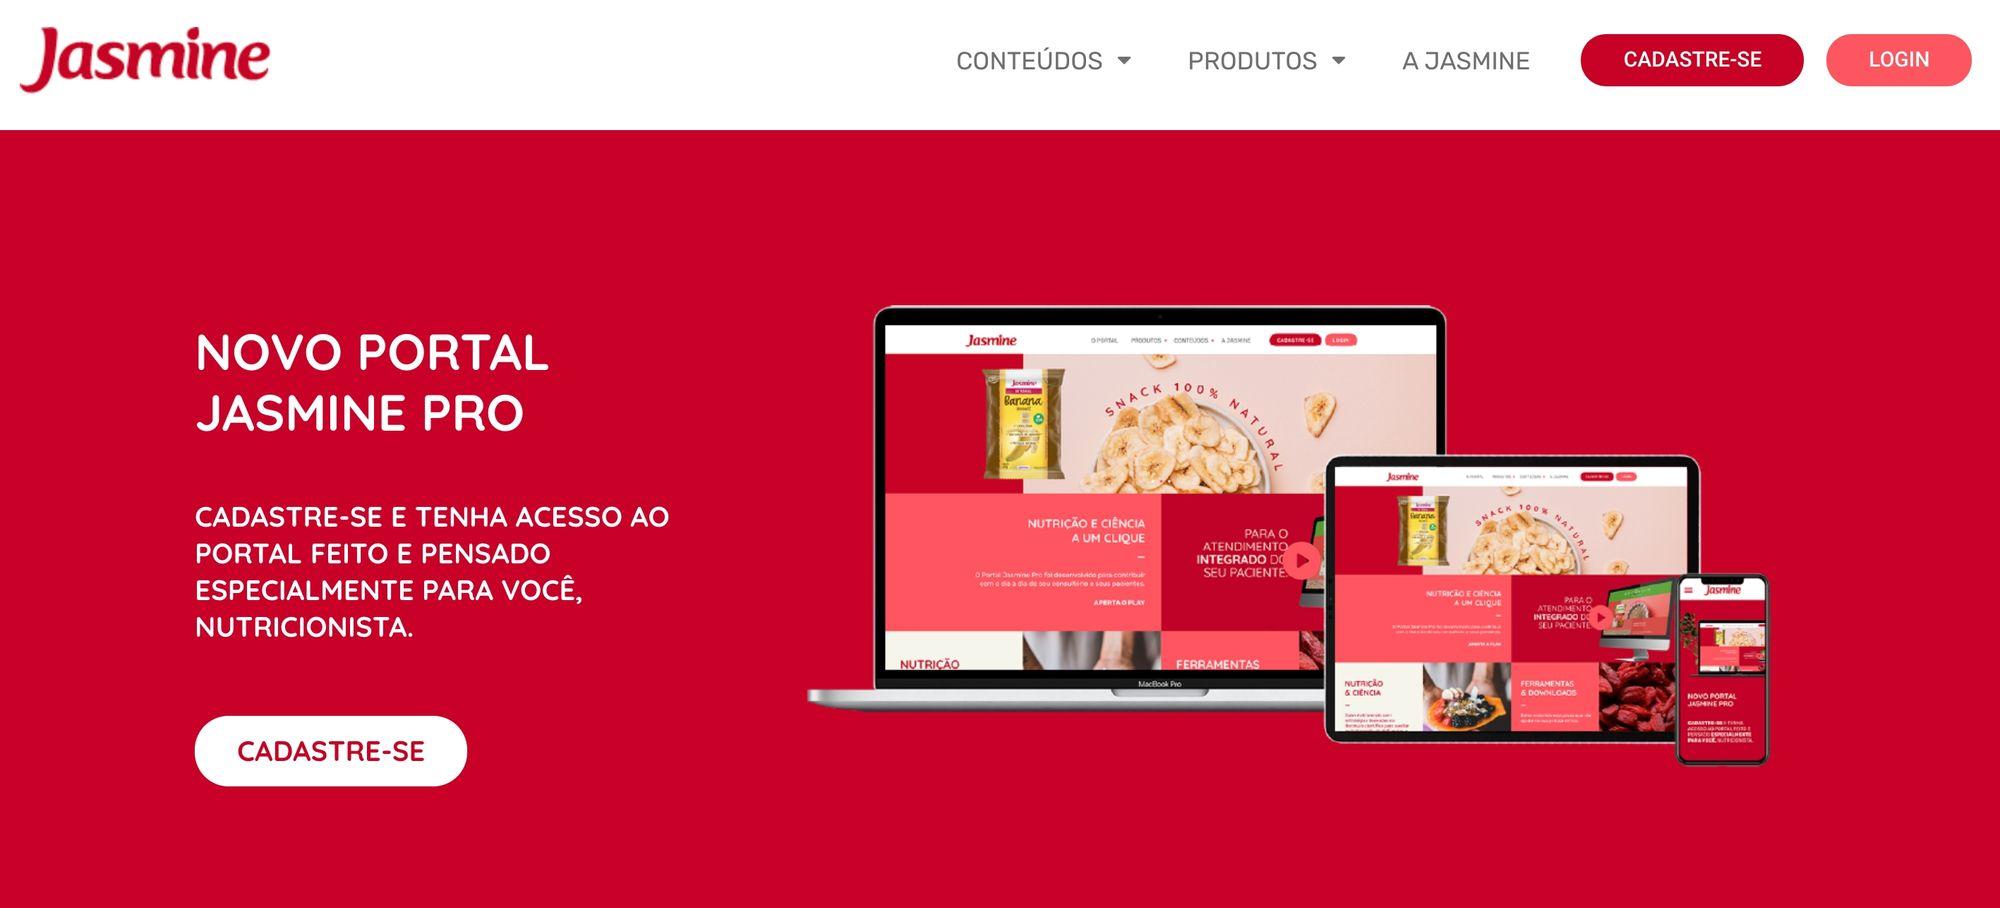 Jasmine Alimentos lança portal exclusivo para nutricionistas e profissionais da saúde aperfeiçoarem atendimentos